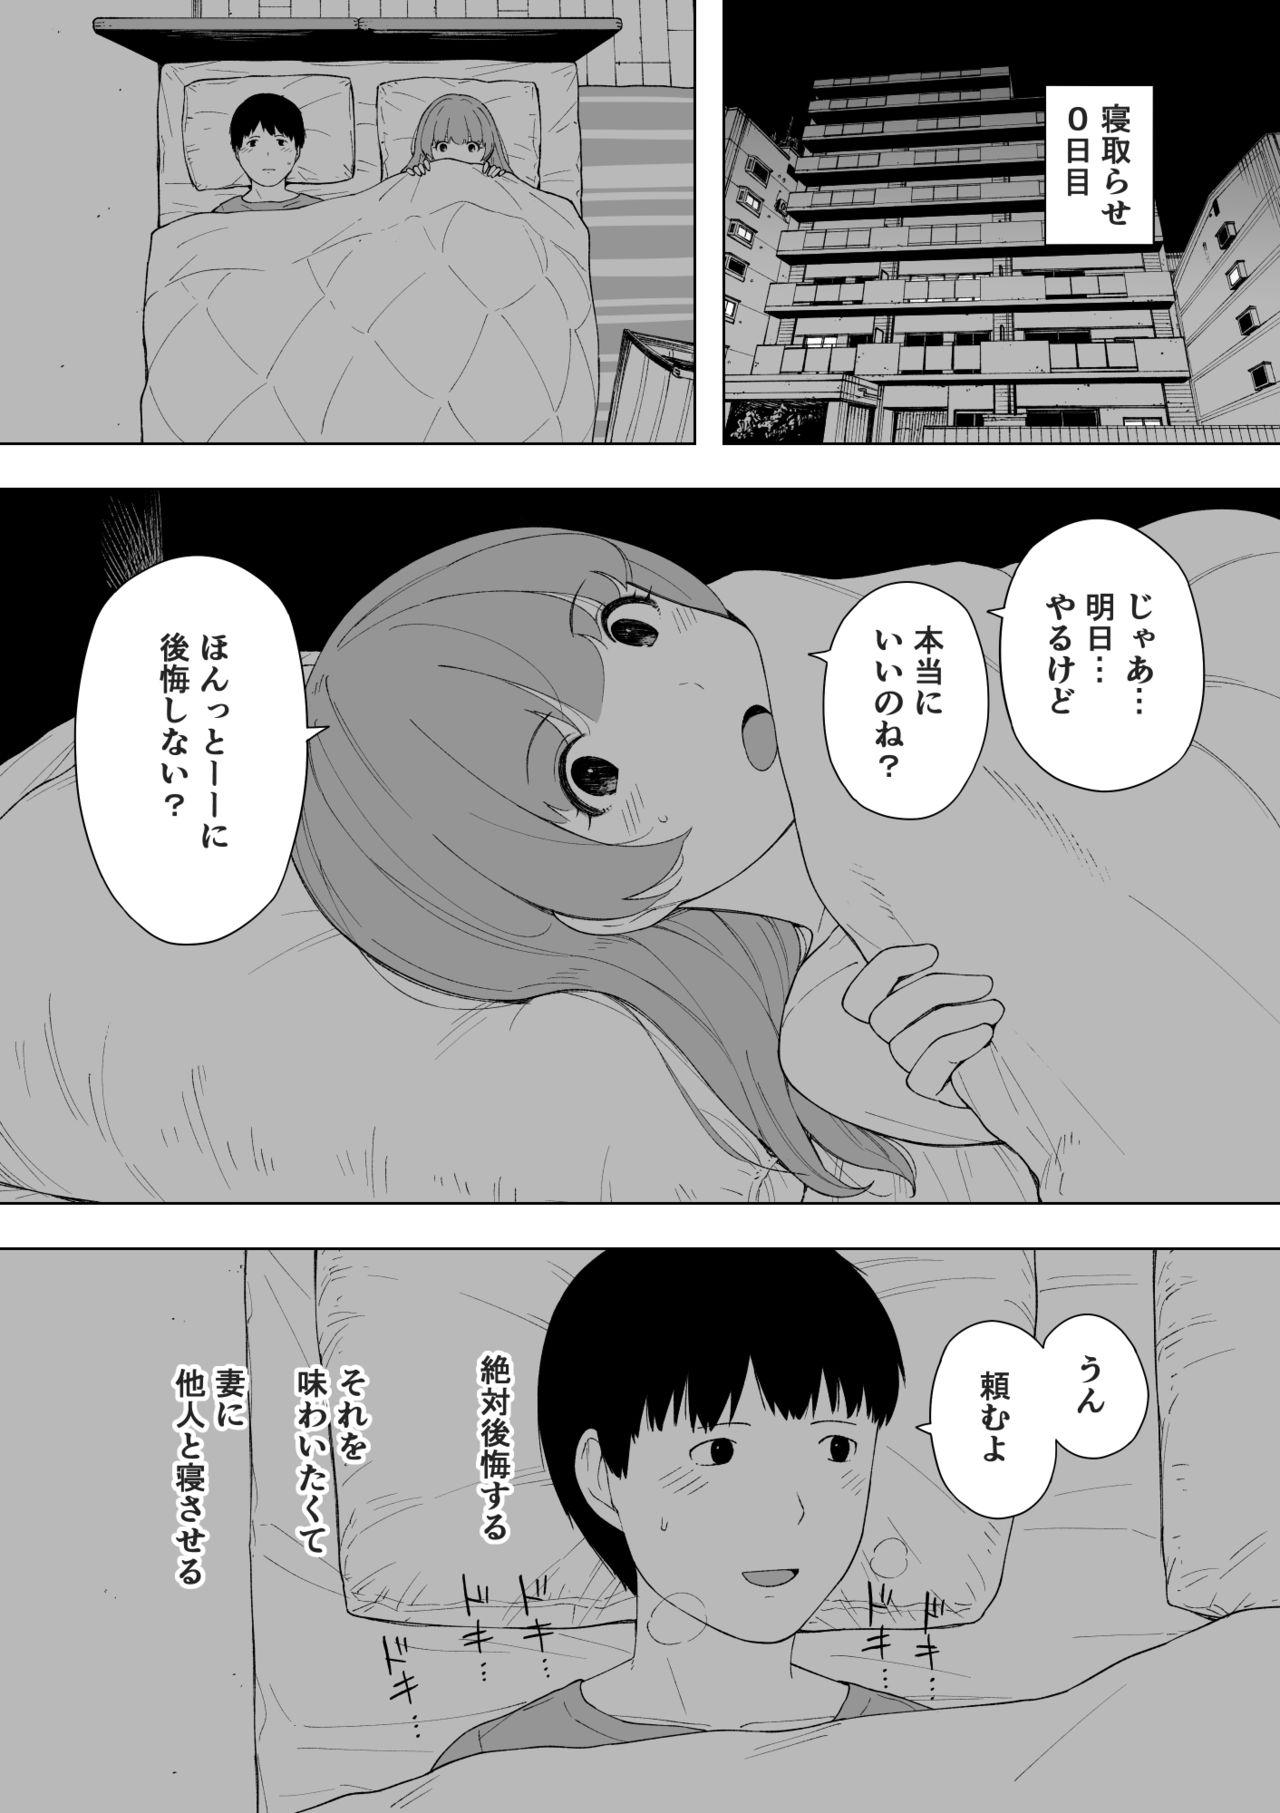 Aisai, Doui no Ue, Netorare 5 ~Moriguchi-ke no Onna~ page 3 full